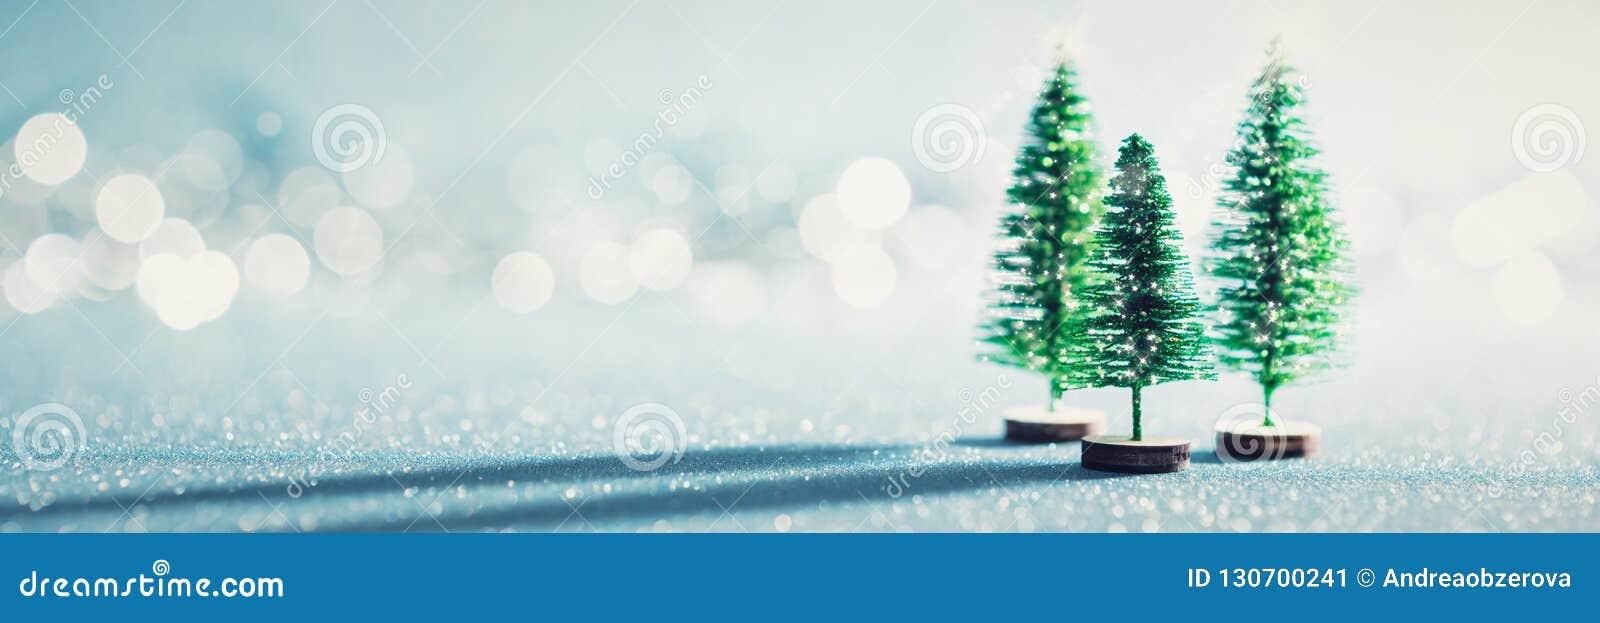 Волшебное миниатюрное знамя страны чудес зимы Вечнозеленые рождественские елки на сияющей голубой предпосылке